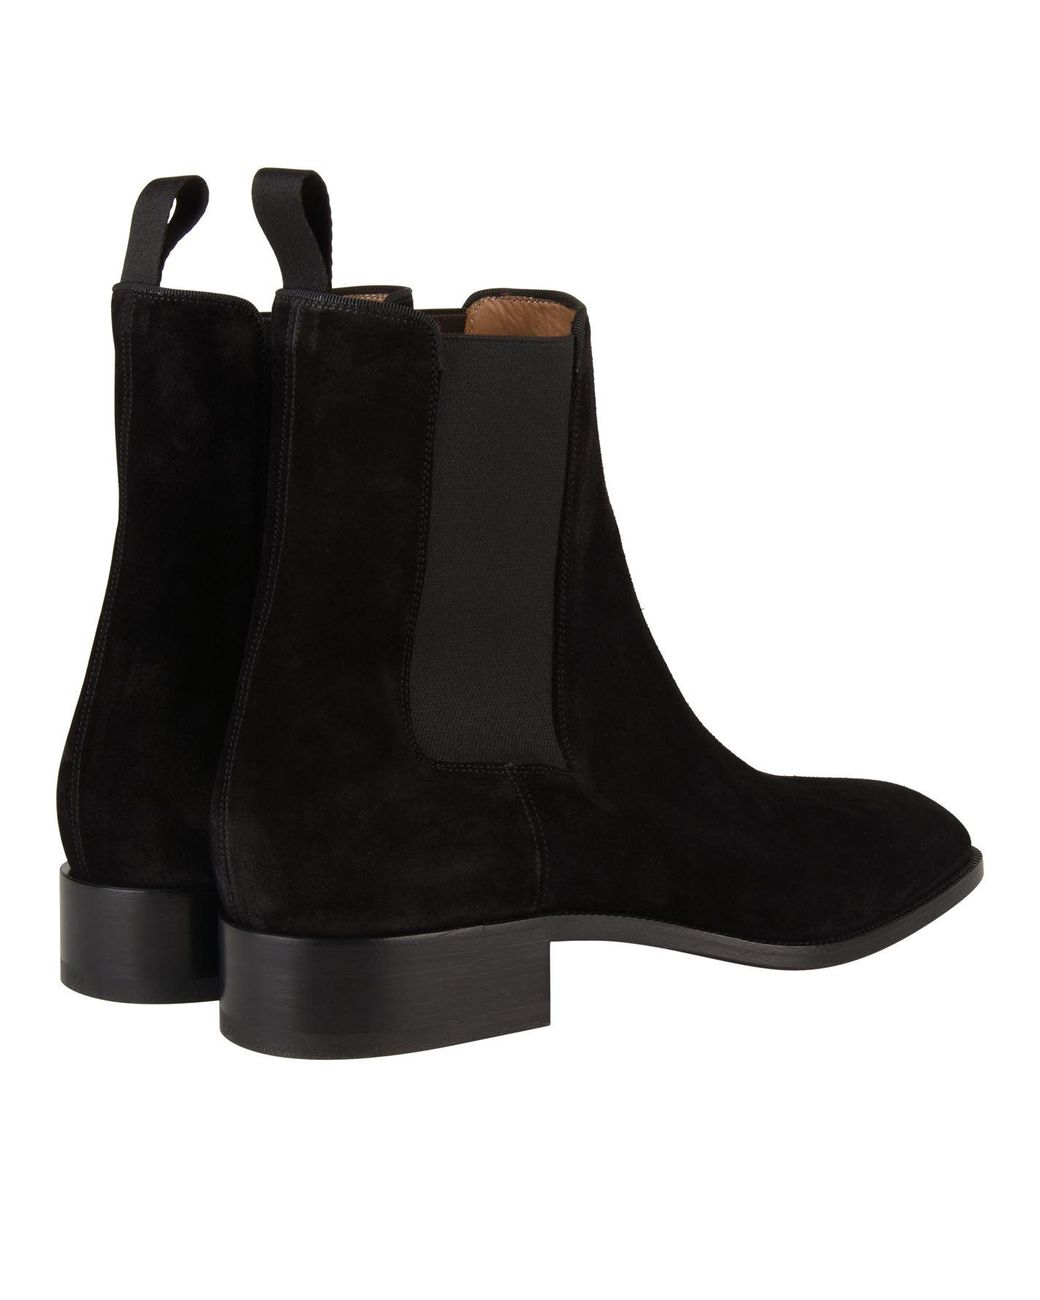 d515cfb6cb65 Lyst - Christian Louboutin Samson Chelsea Boot in Black for Men - Save 14%